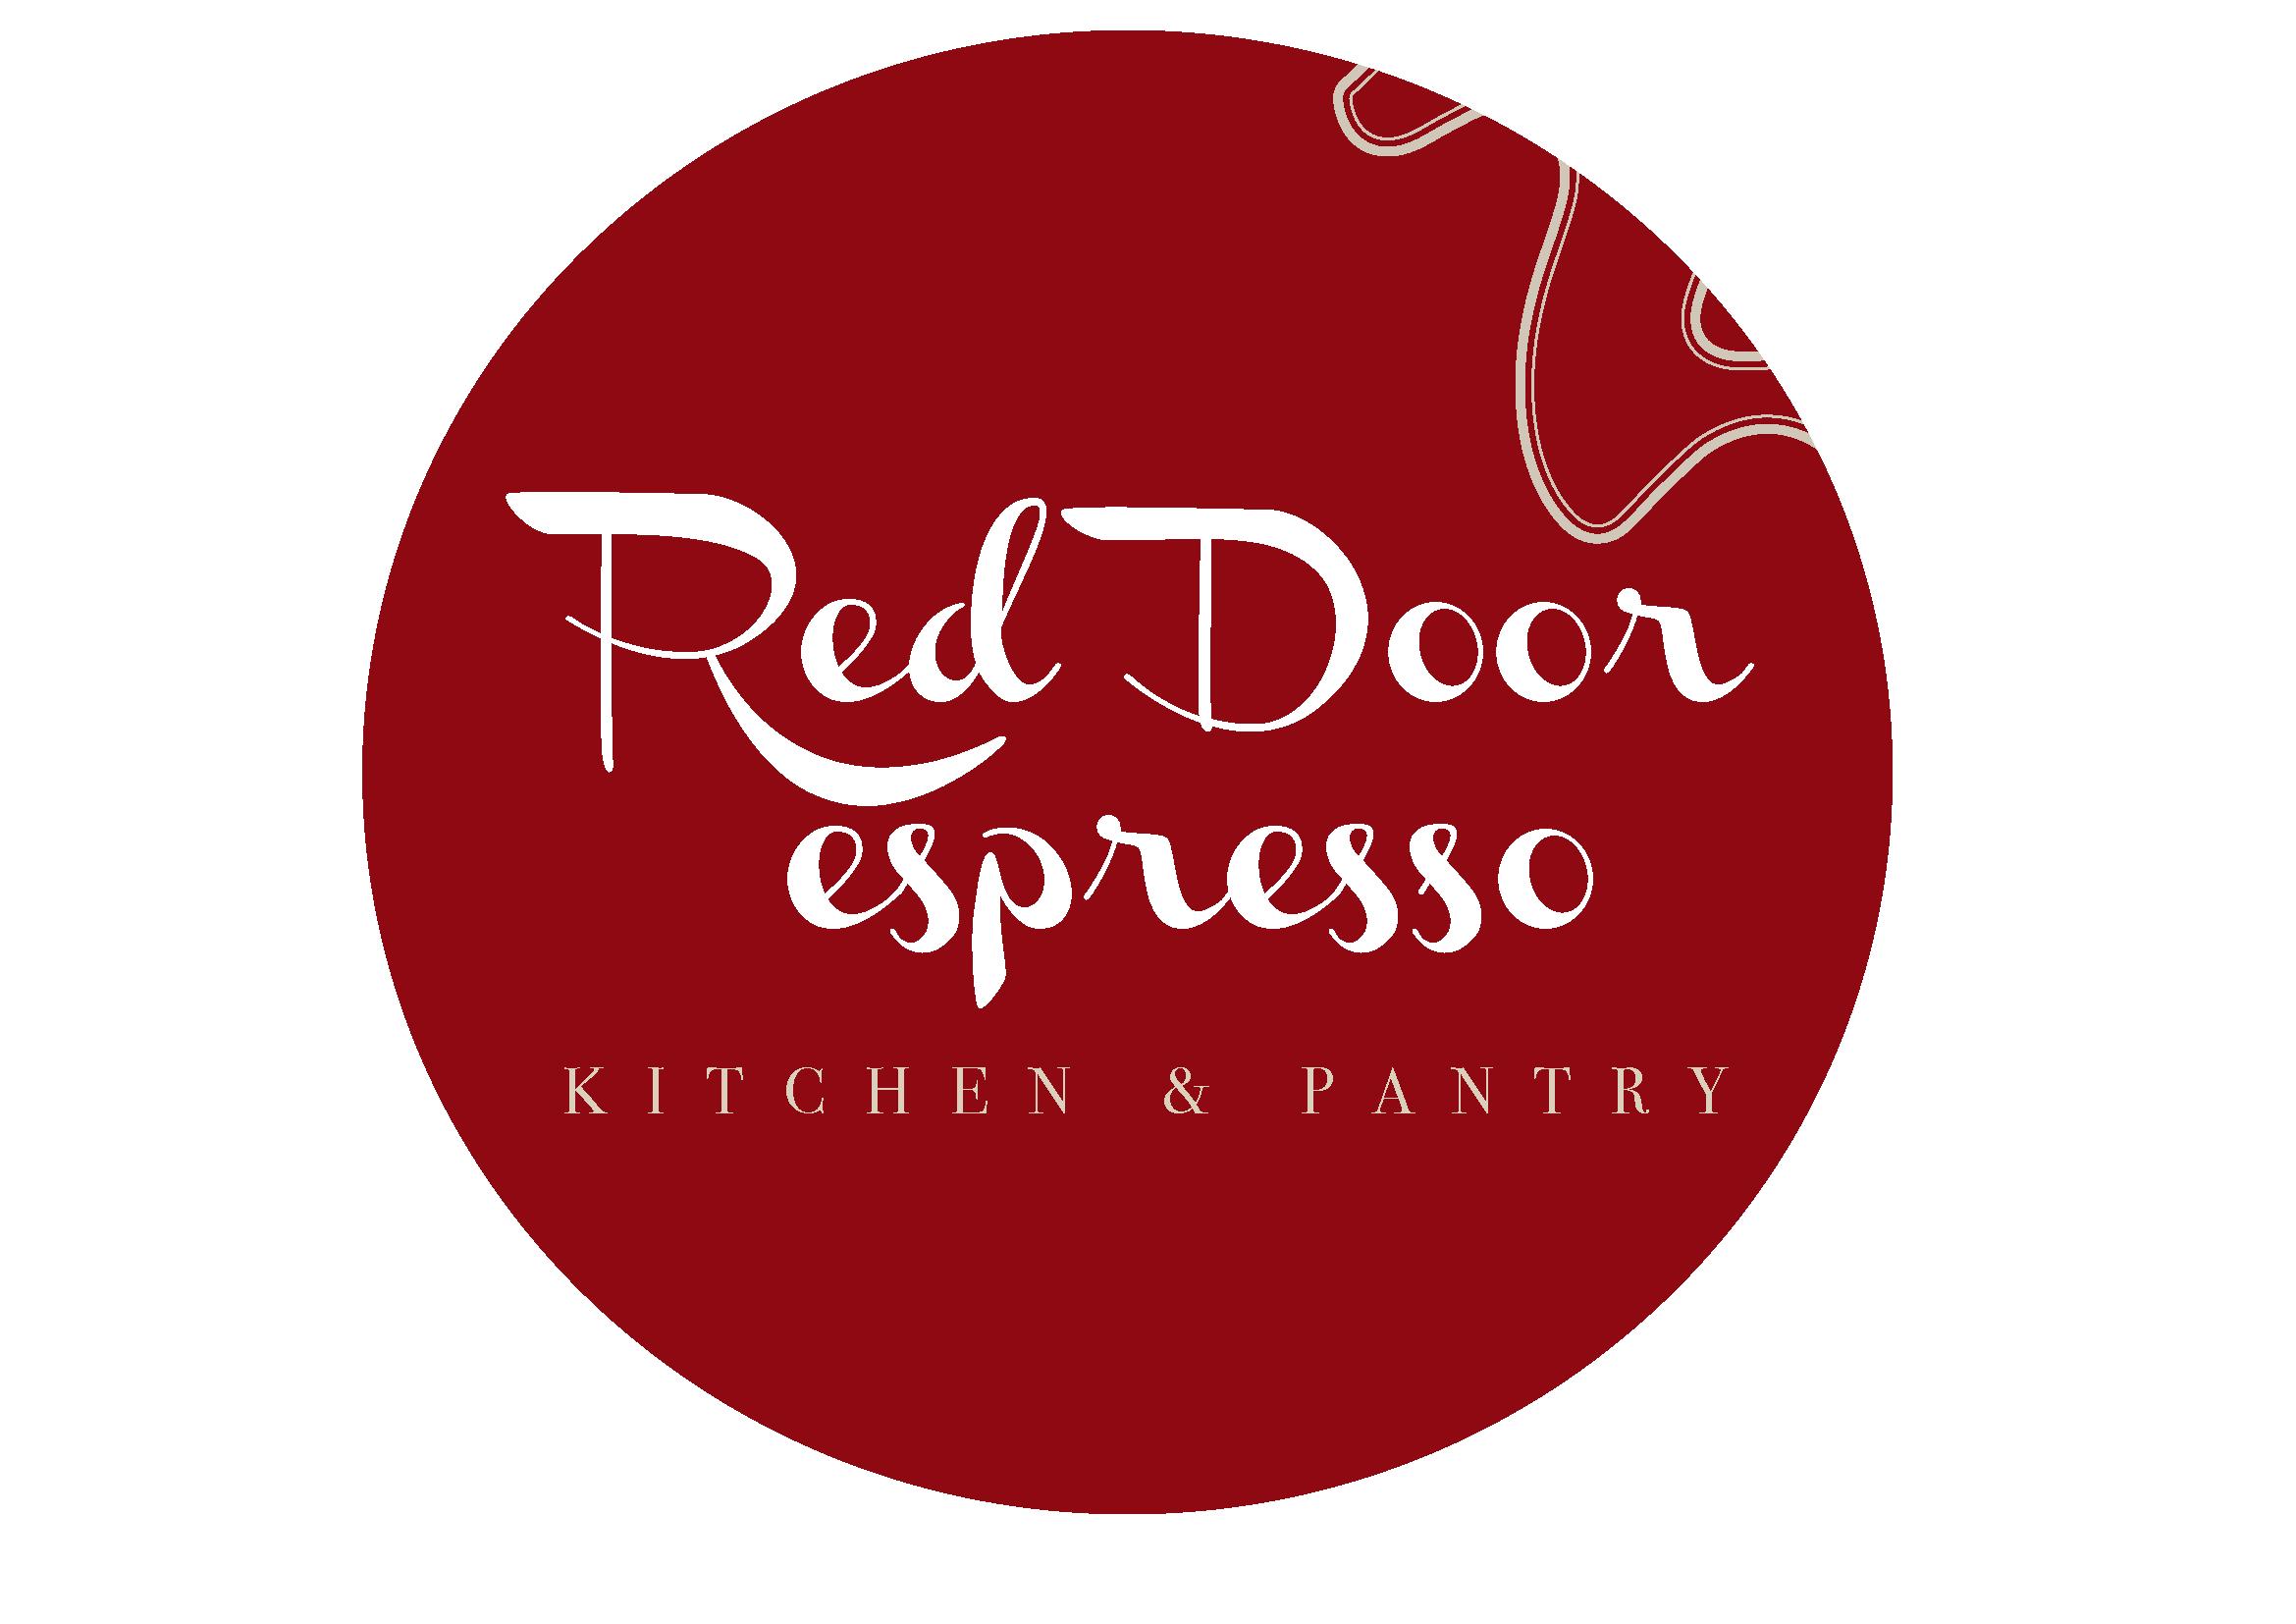 Red Door espresso